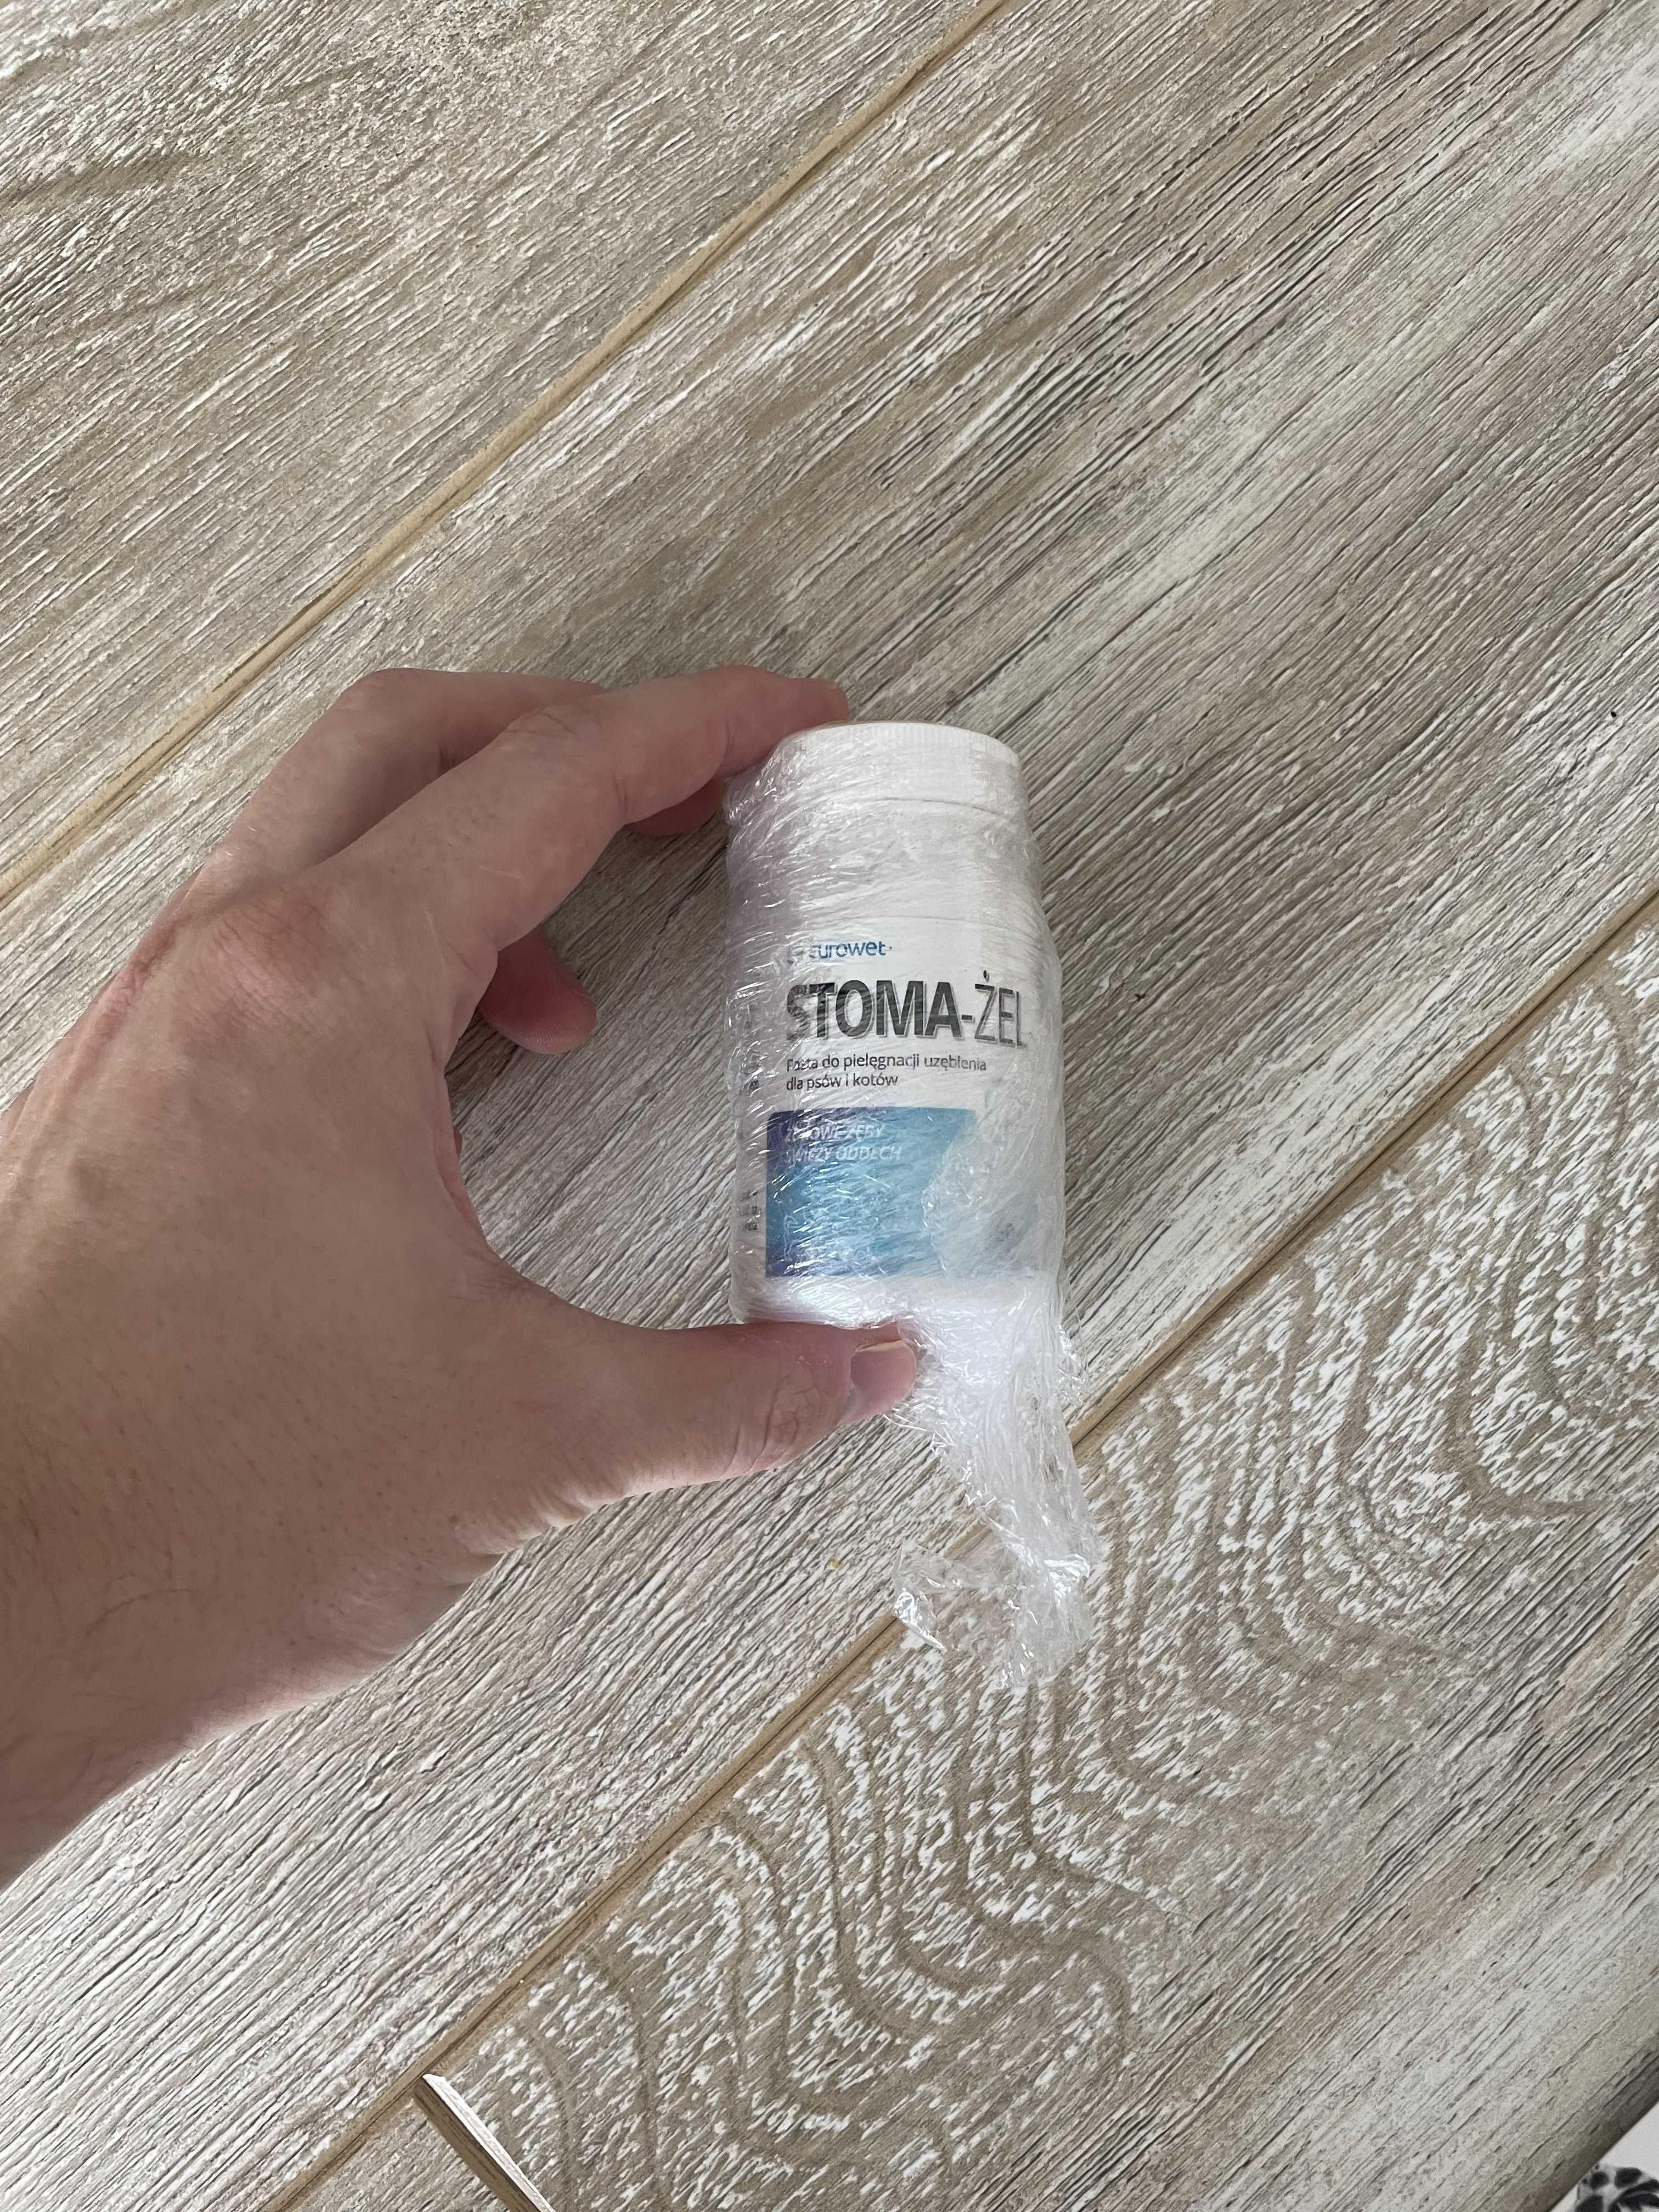 Eurowet Stoma-Żel 50g